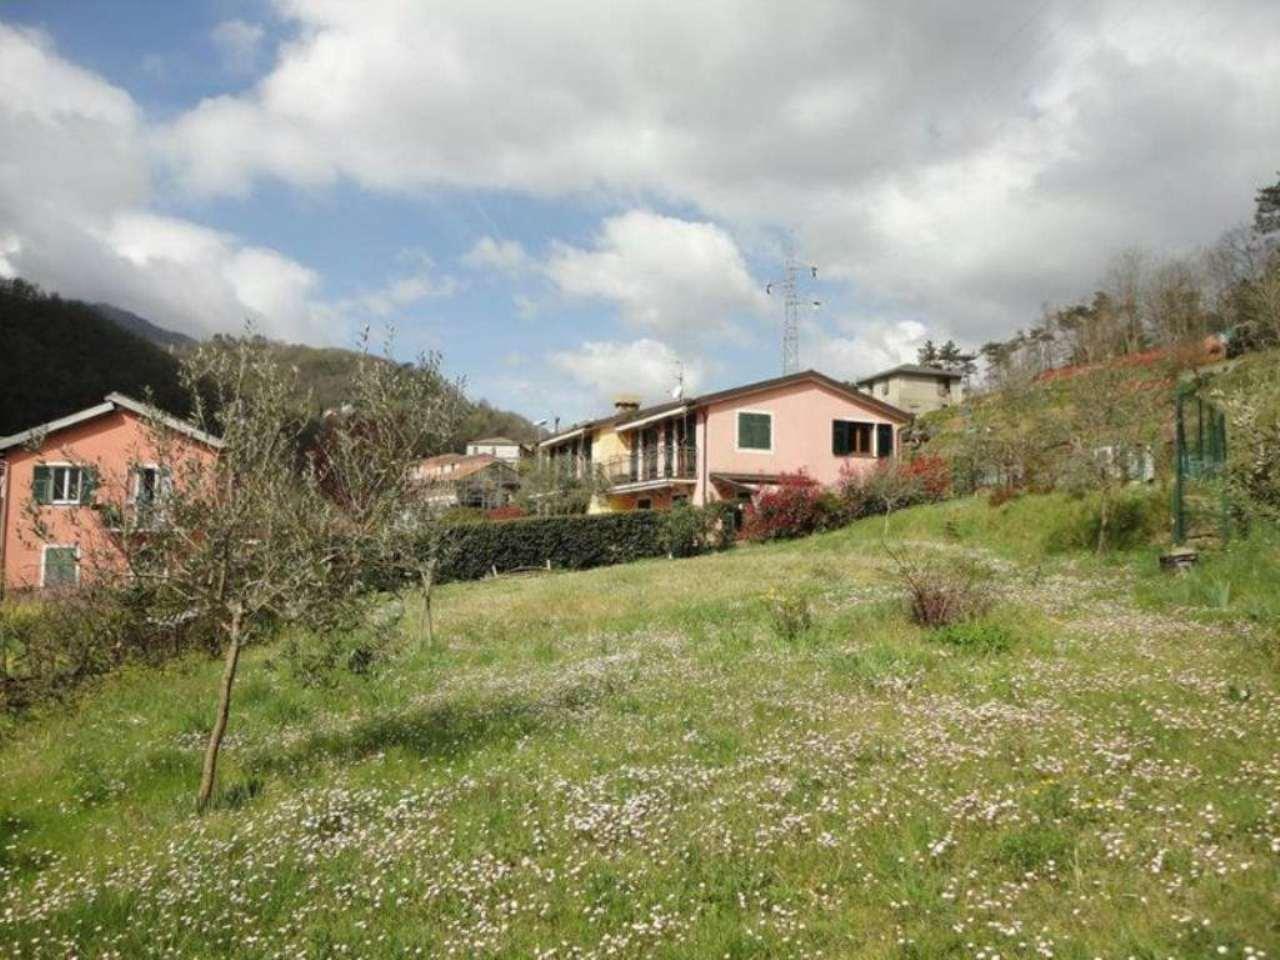 Appartamento in vendita a San Colombano Certenoli, 6 locali, prezzo € 280.000 | Cambio Casa.it